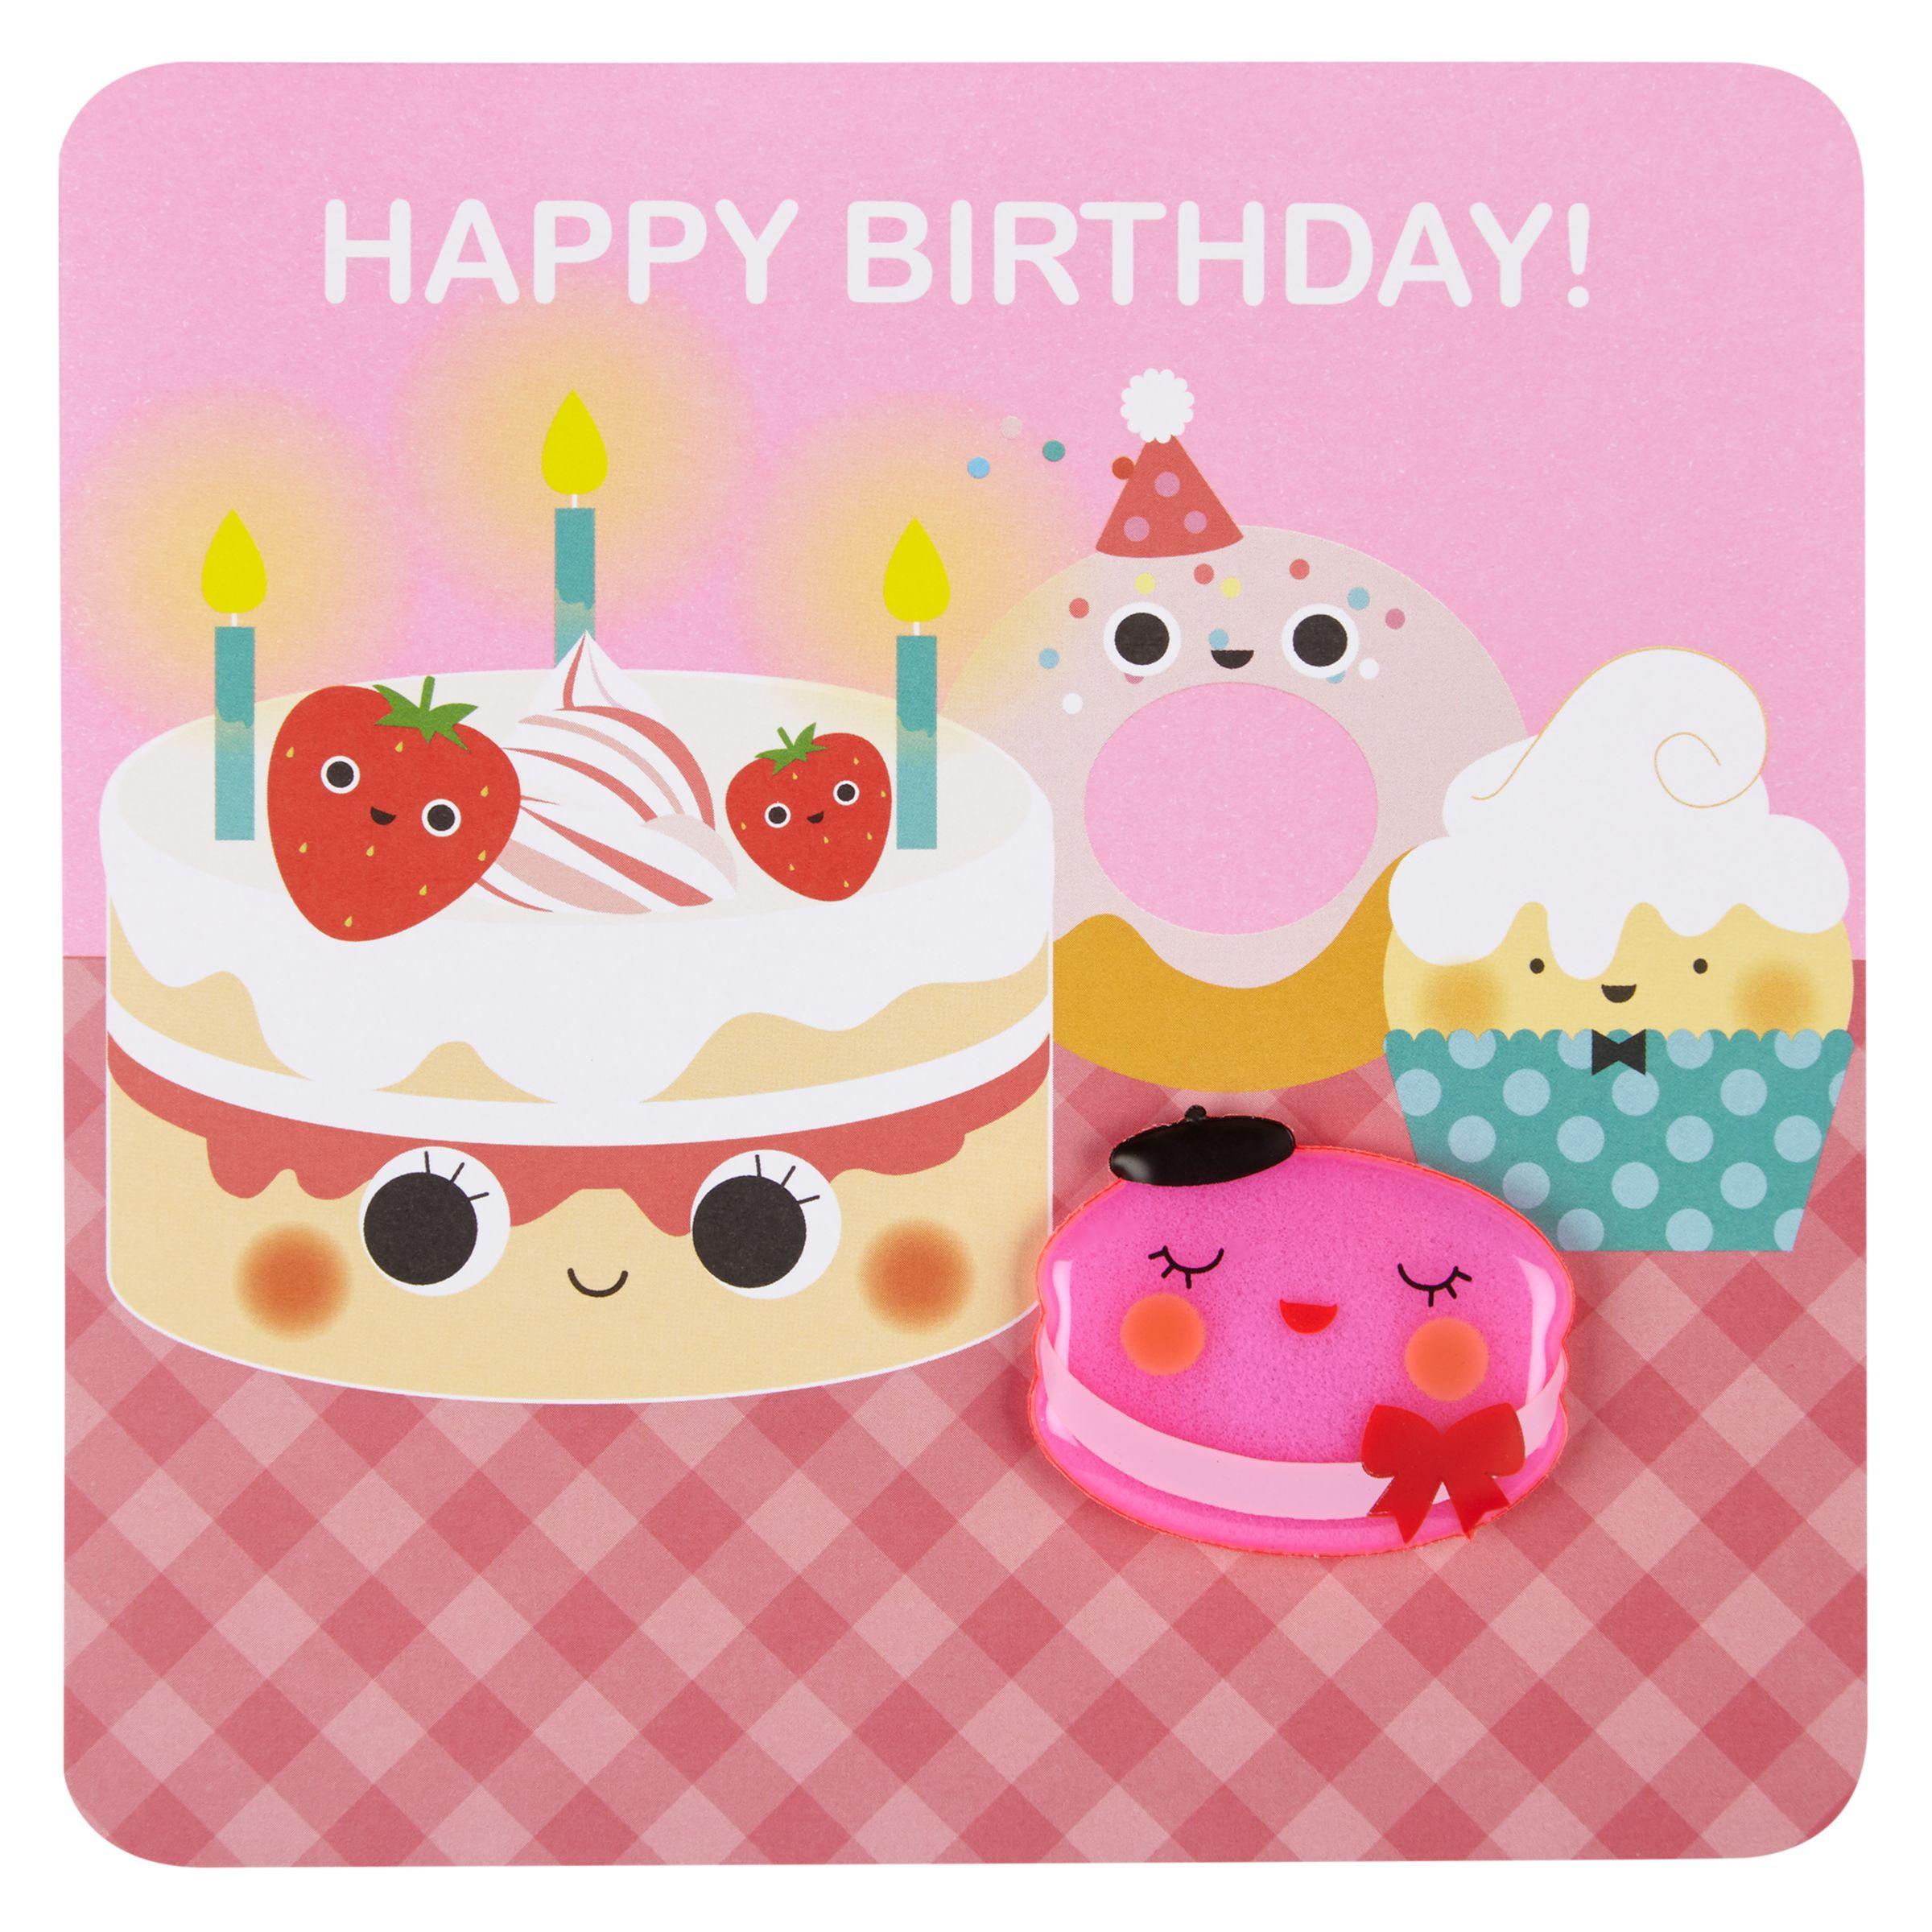 Birthday Cake John Lewis : Birthday Greeting Cards John Lewis